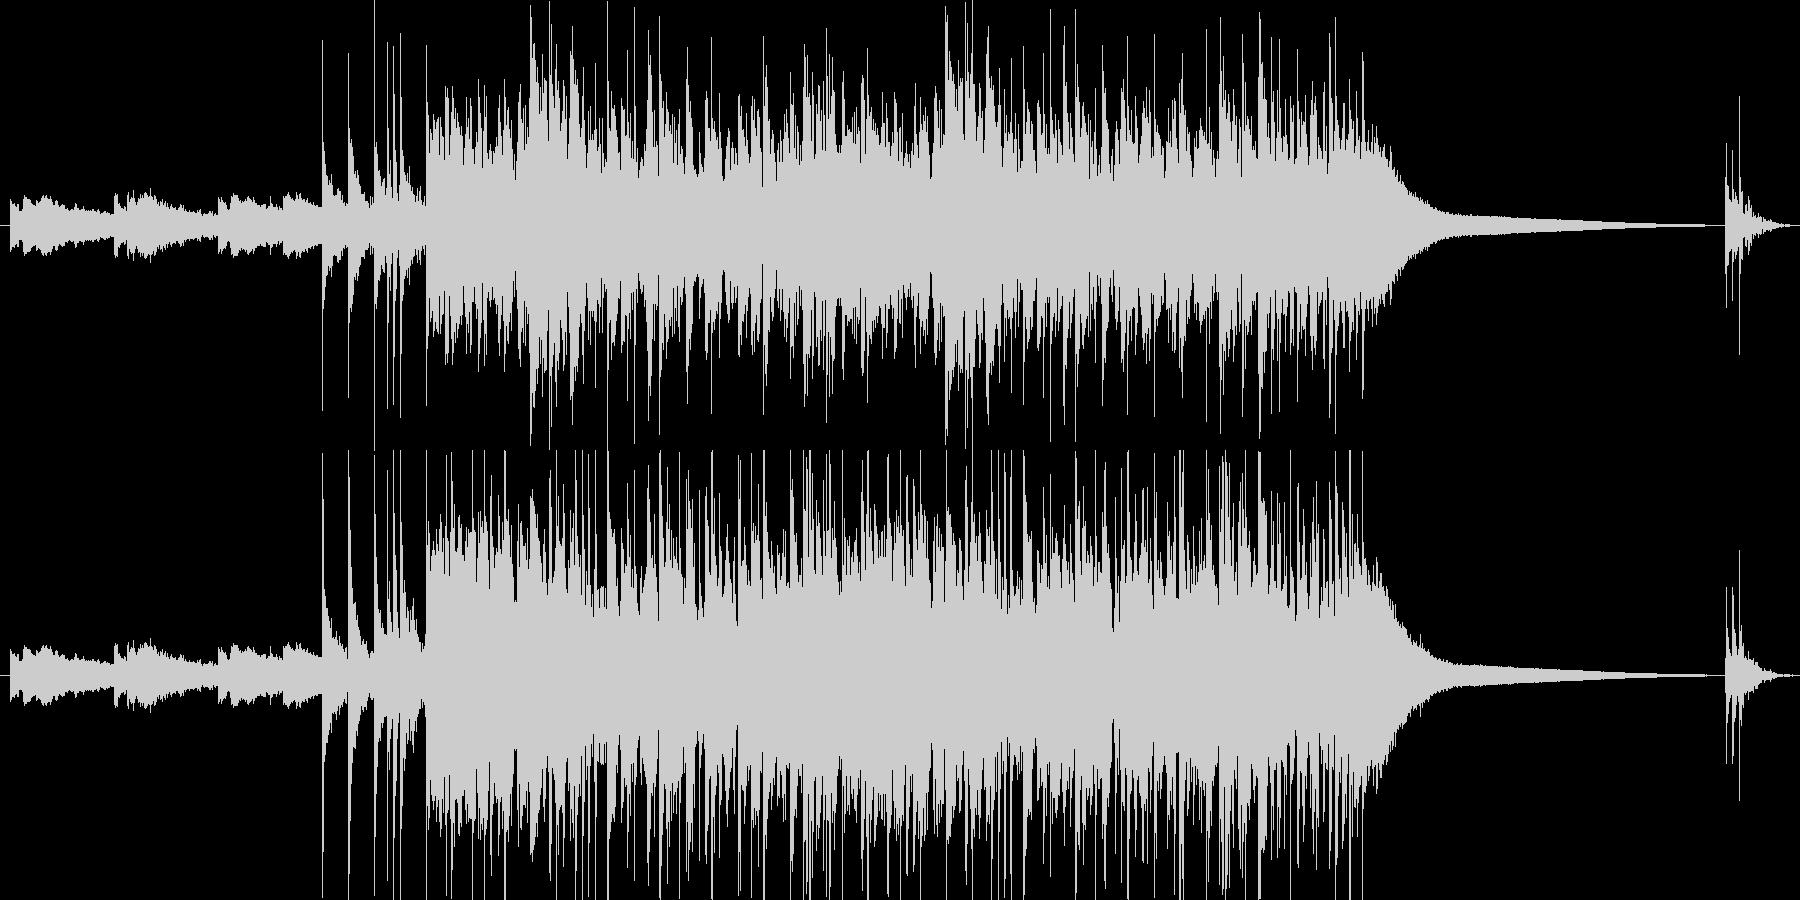 アニメ風のオープニング用ジングルの未再生の波形